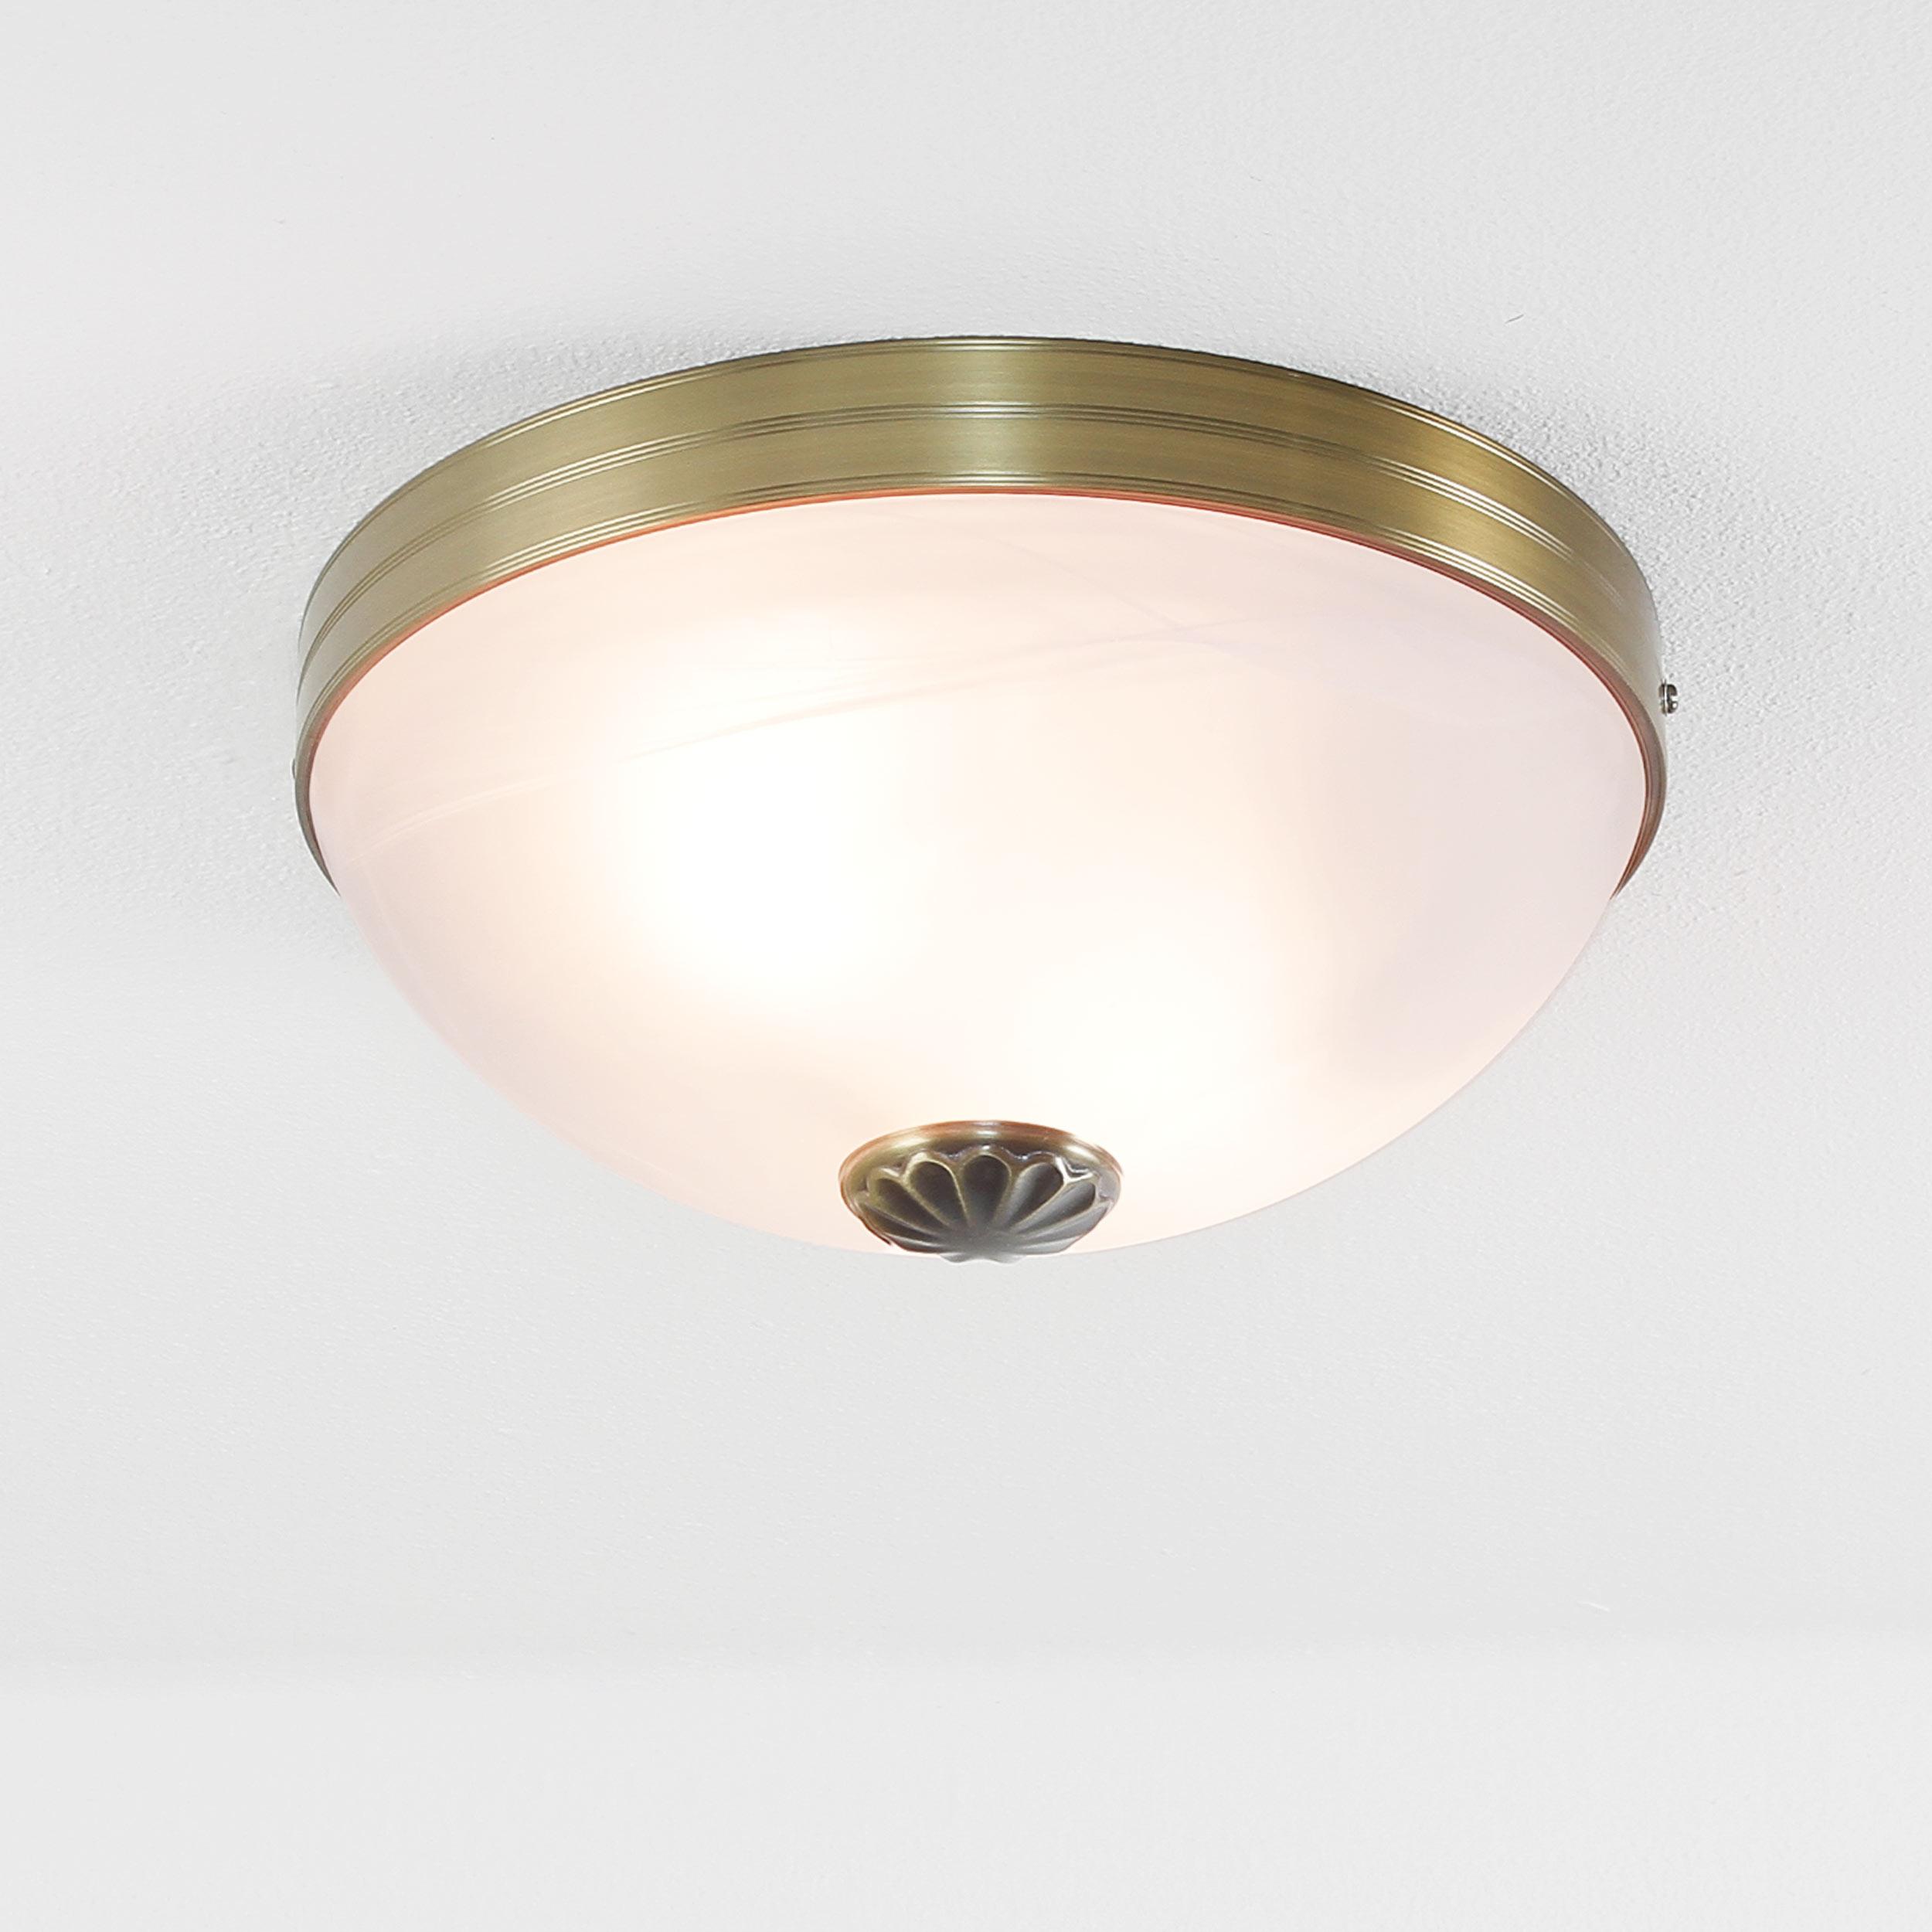 Jugendstil Deckenlampe Glas 2xE27 Ø31cm ORCHIDEA